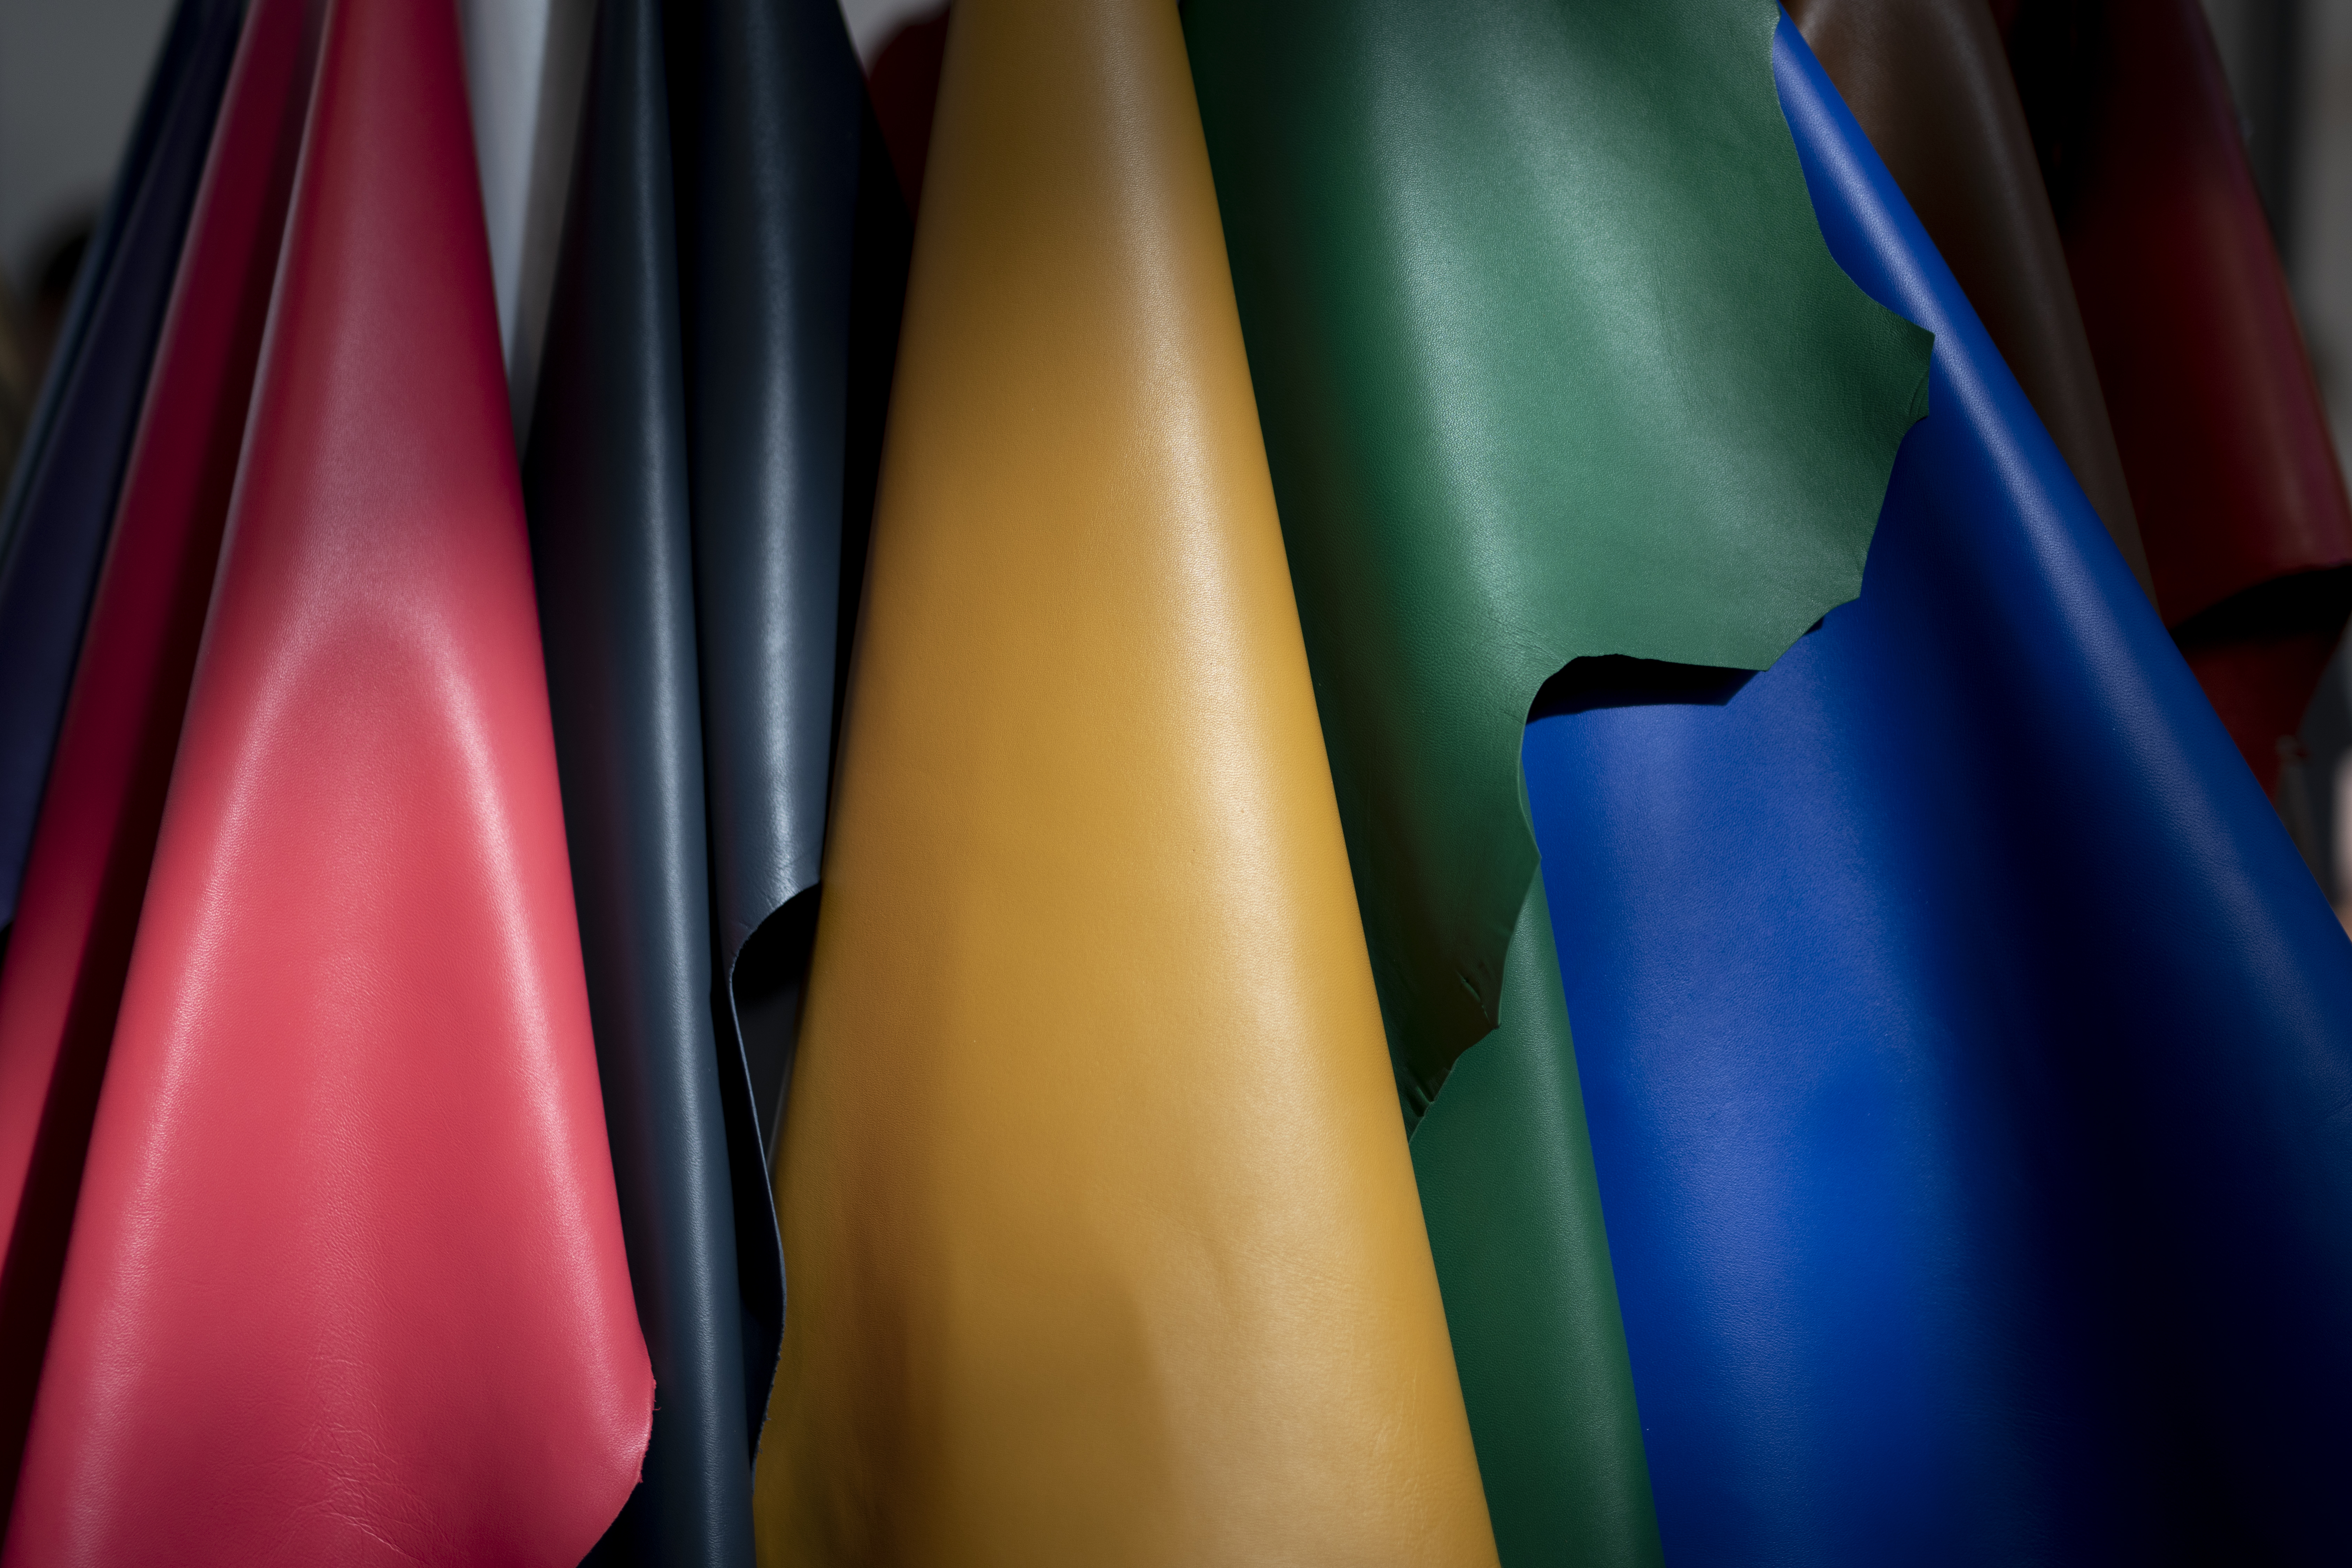 L'industrie du cuir confrontée à la gestion de ses déchets